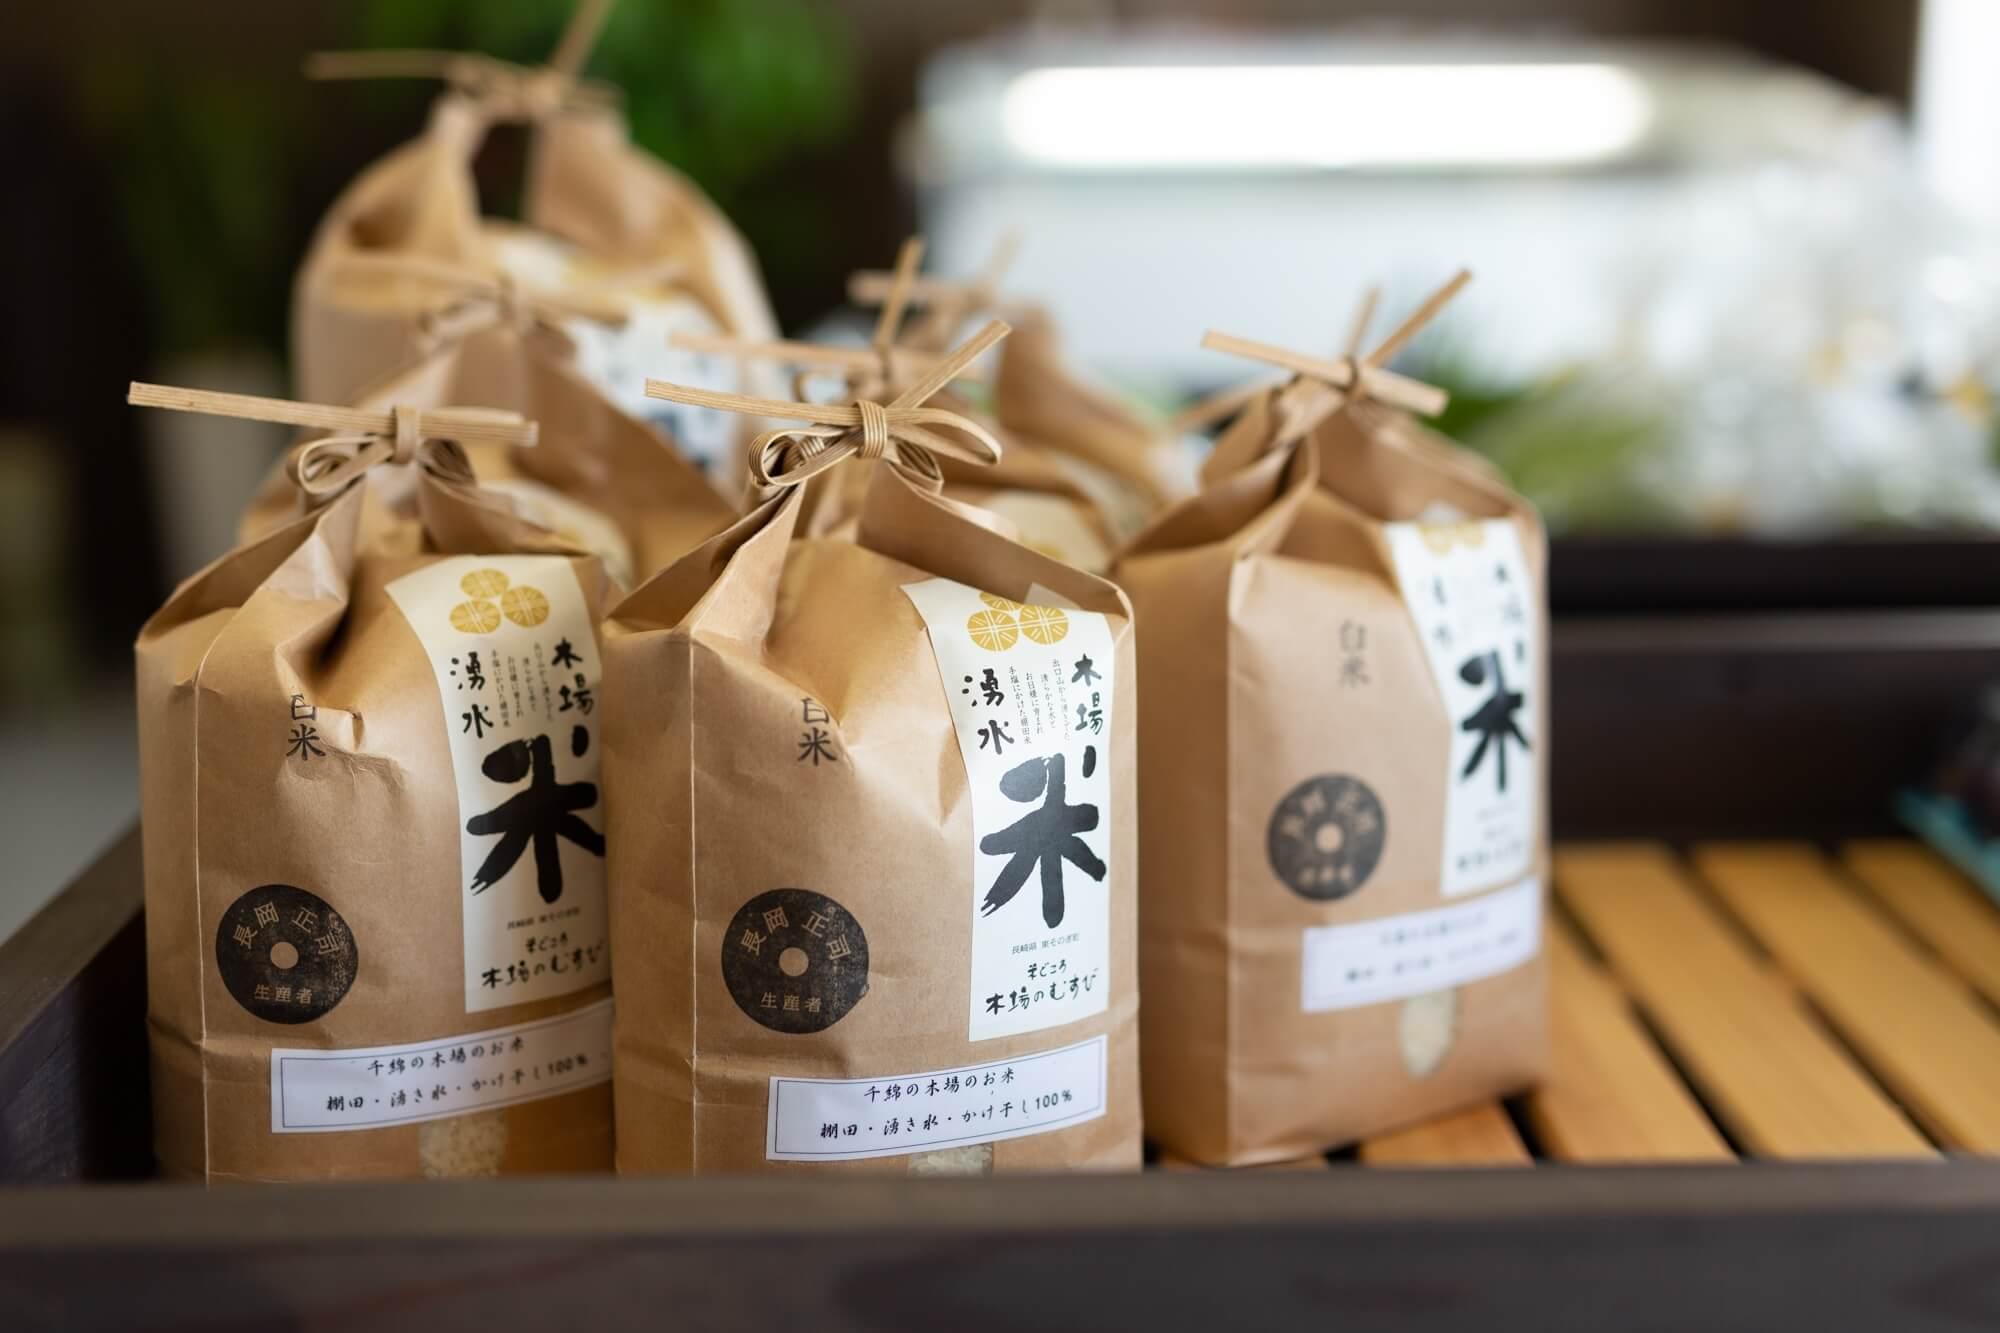 木場のむすび・商品の精米